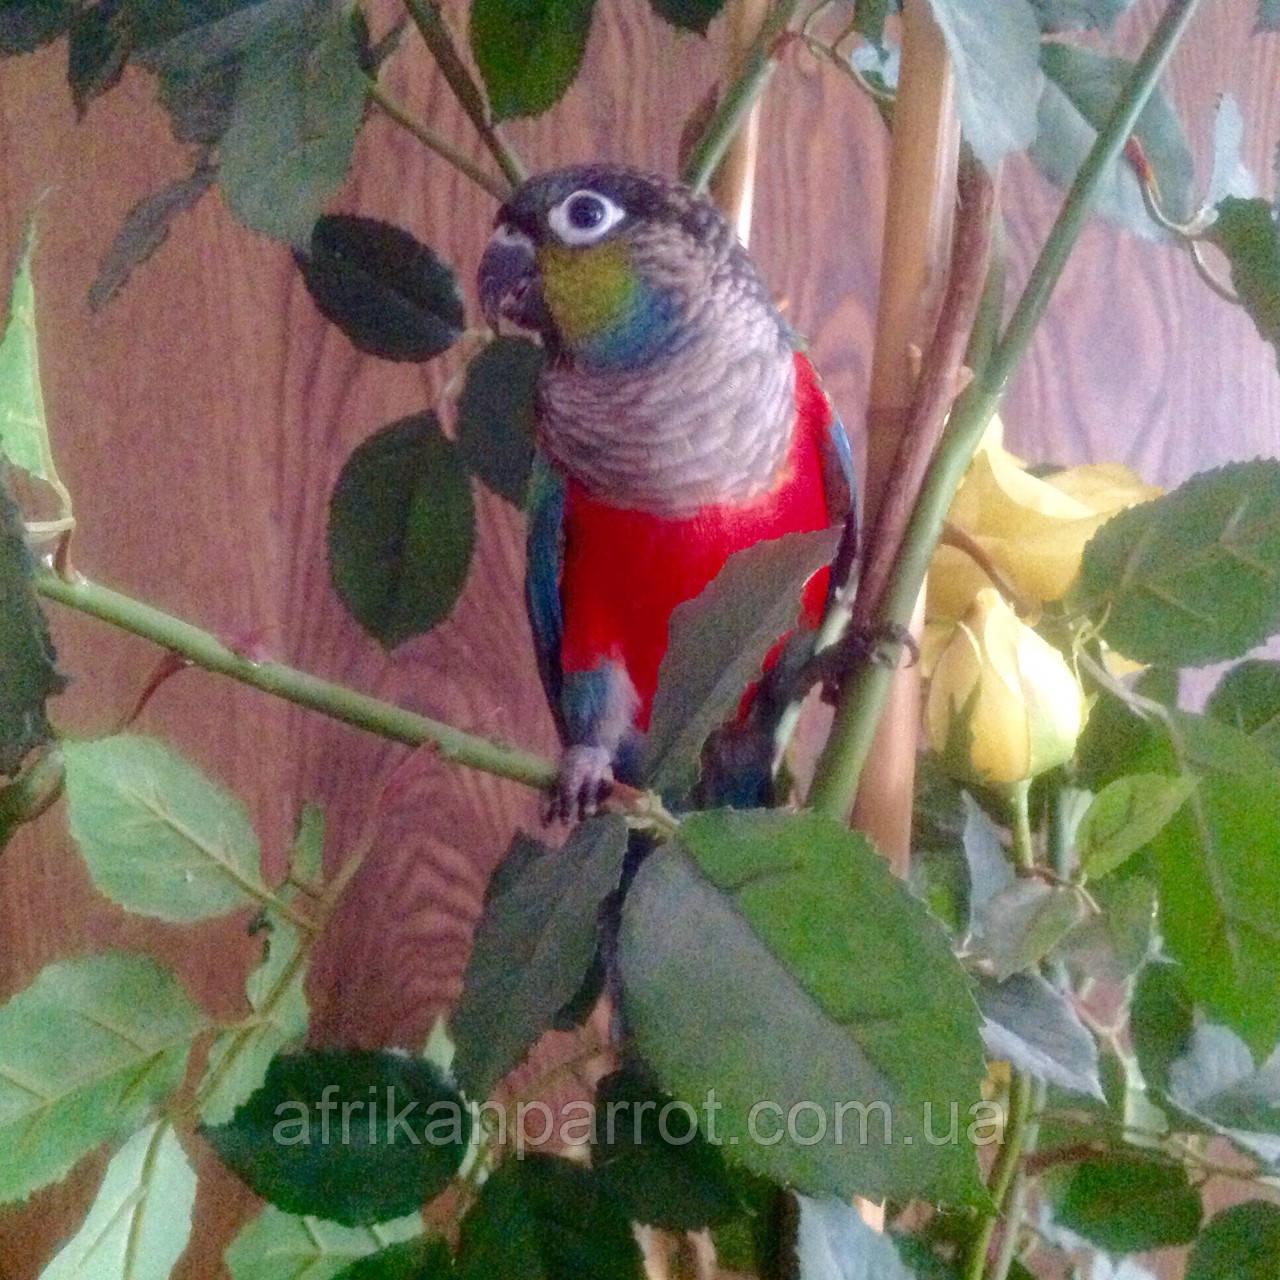 Жемчужный пирруровый попугай